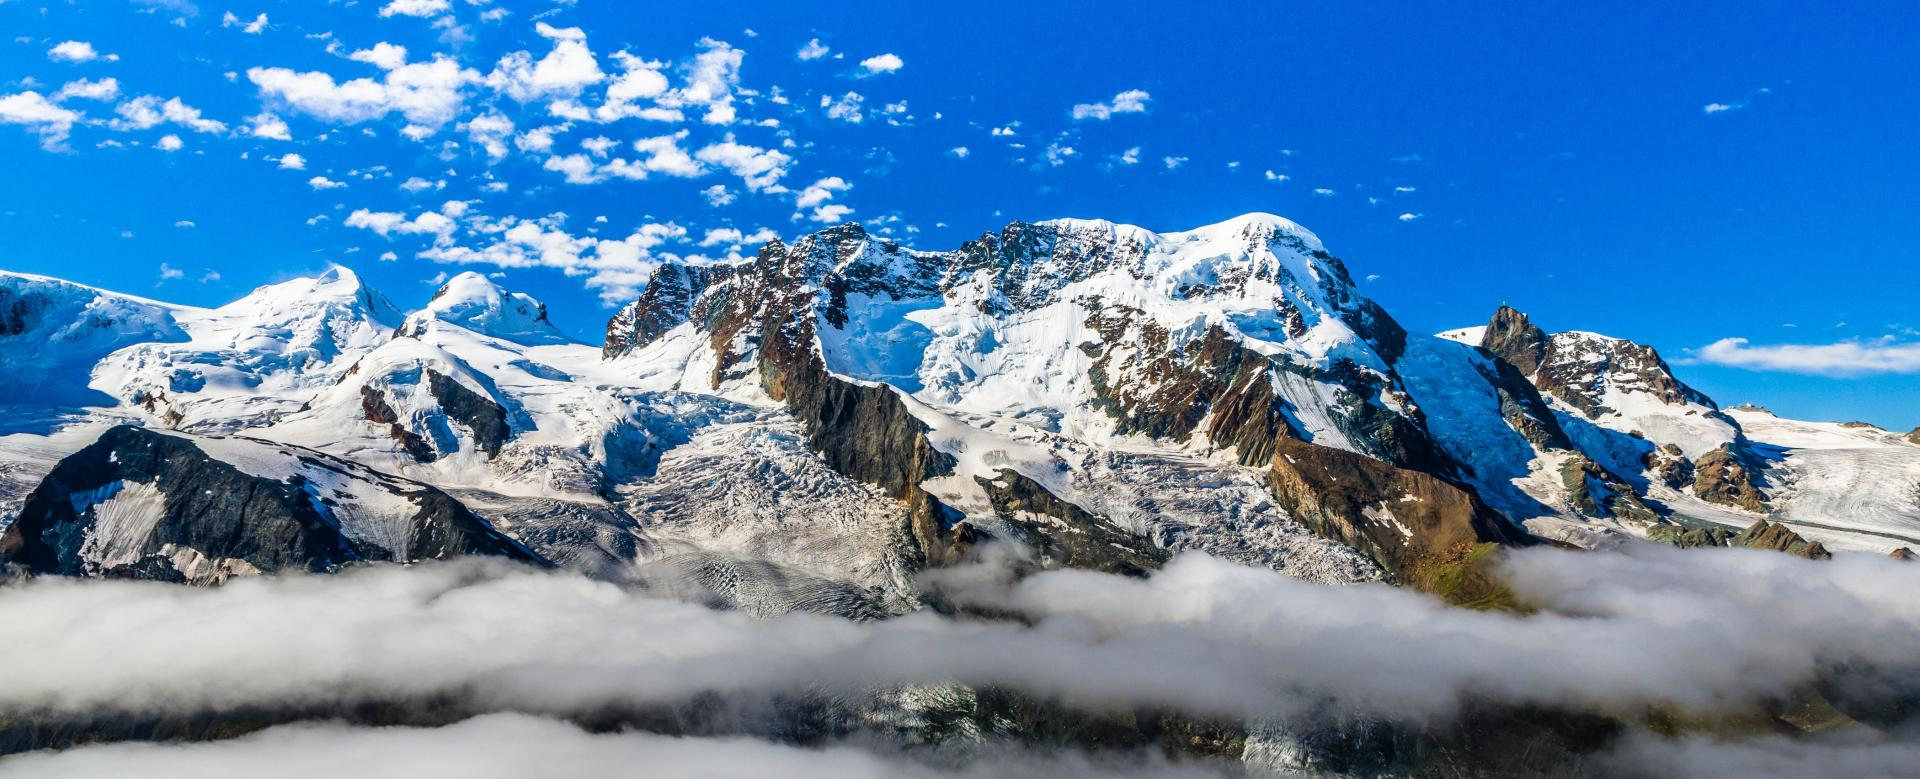 Voyage à pied : Objectif mont-rose (4634 m)